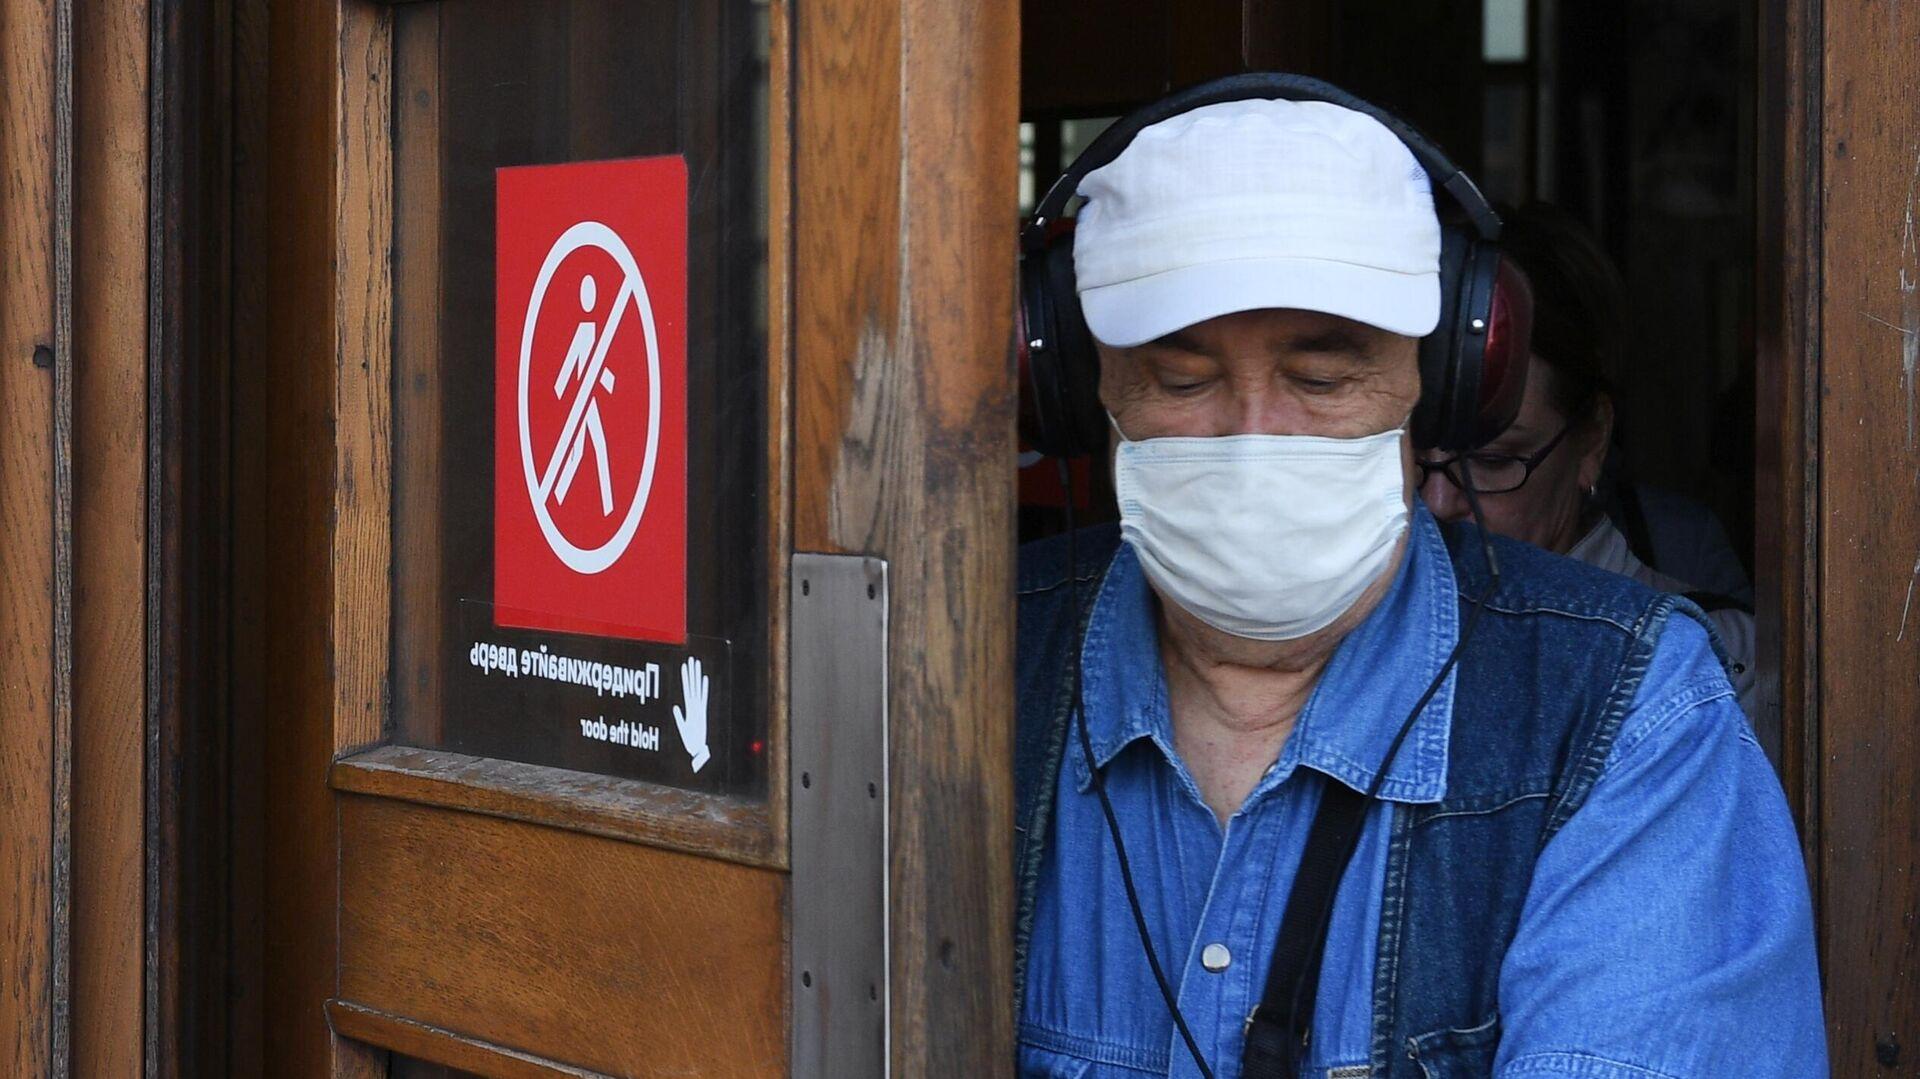 Пожилой мужчина в медицинской маске выходит из вестибюля станции метро Парк культуры в Москве - РИА Новости, 1920, 13.10.2020